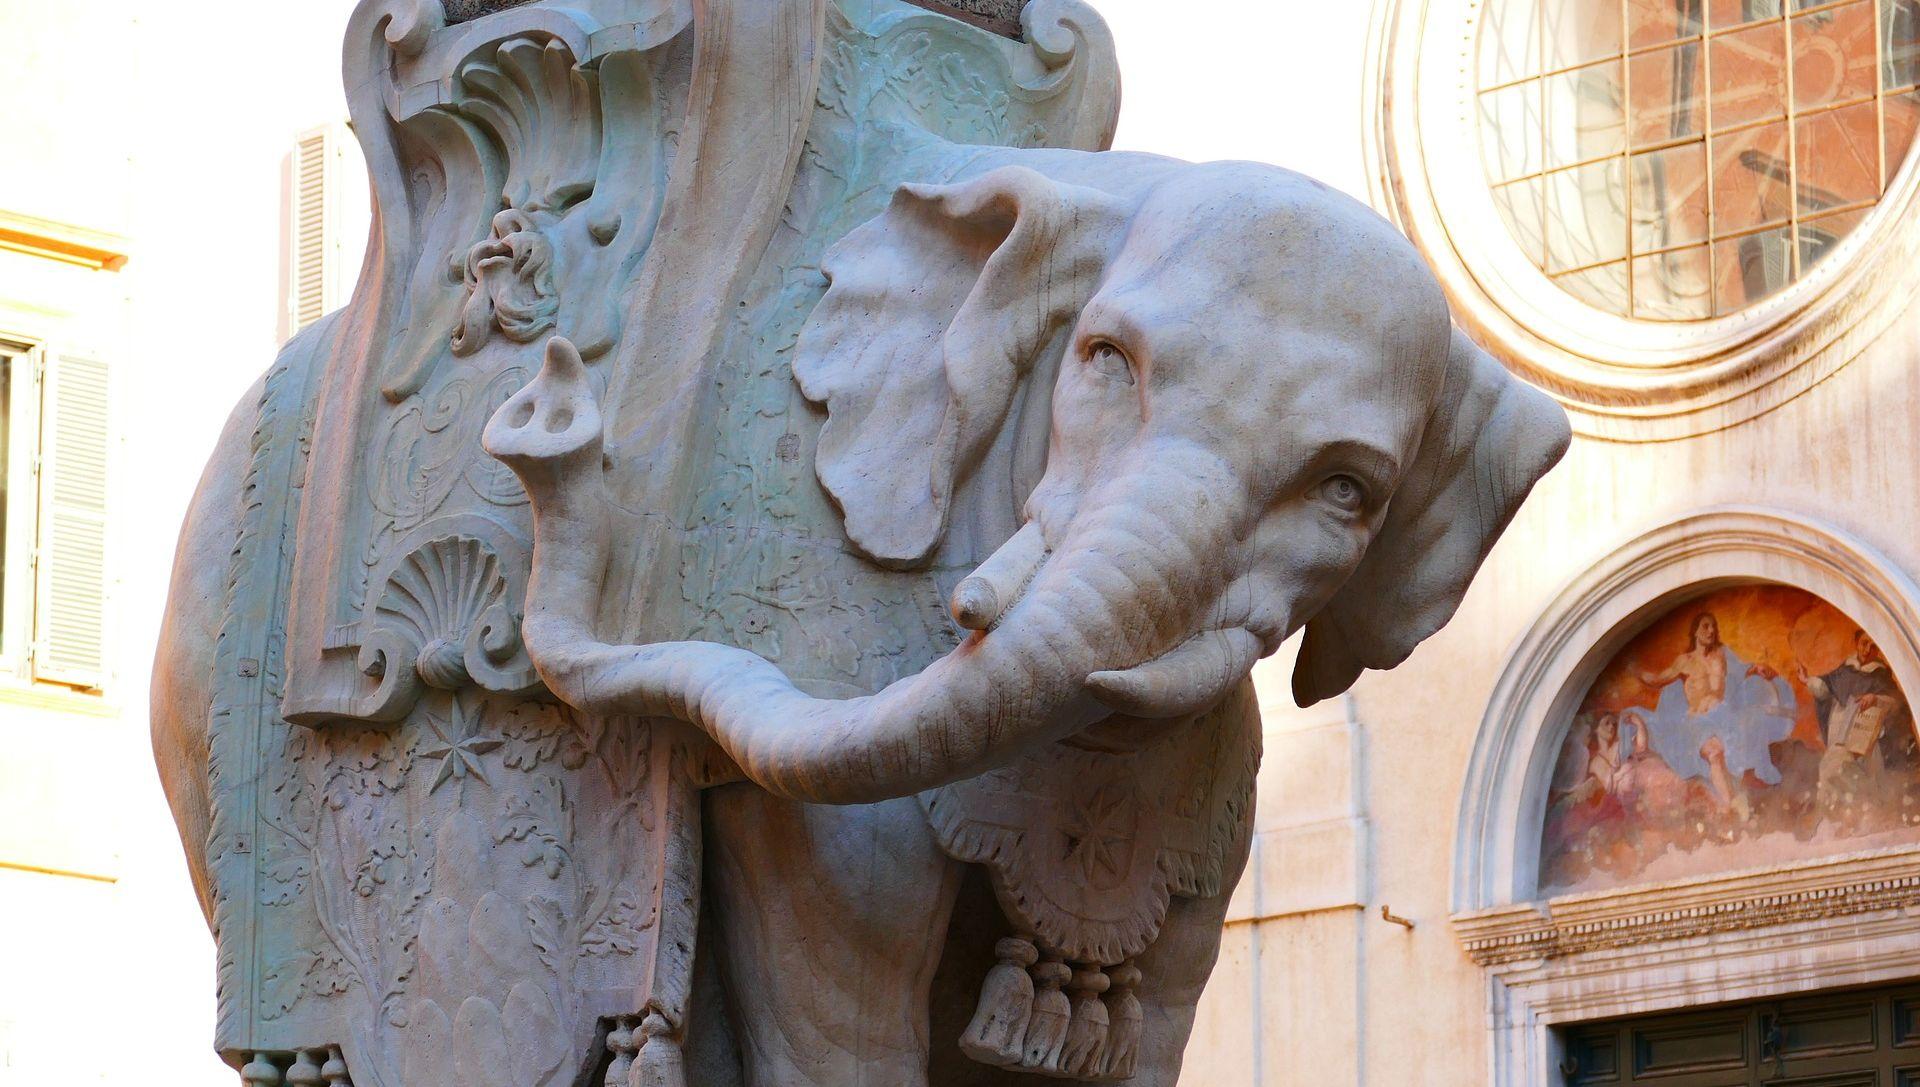 FOTO: Nepoznati vandali oštetili kultnu skuplturu Berninija u Rimu